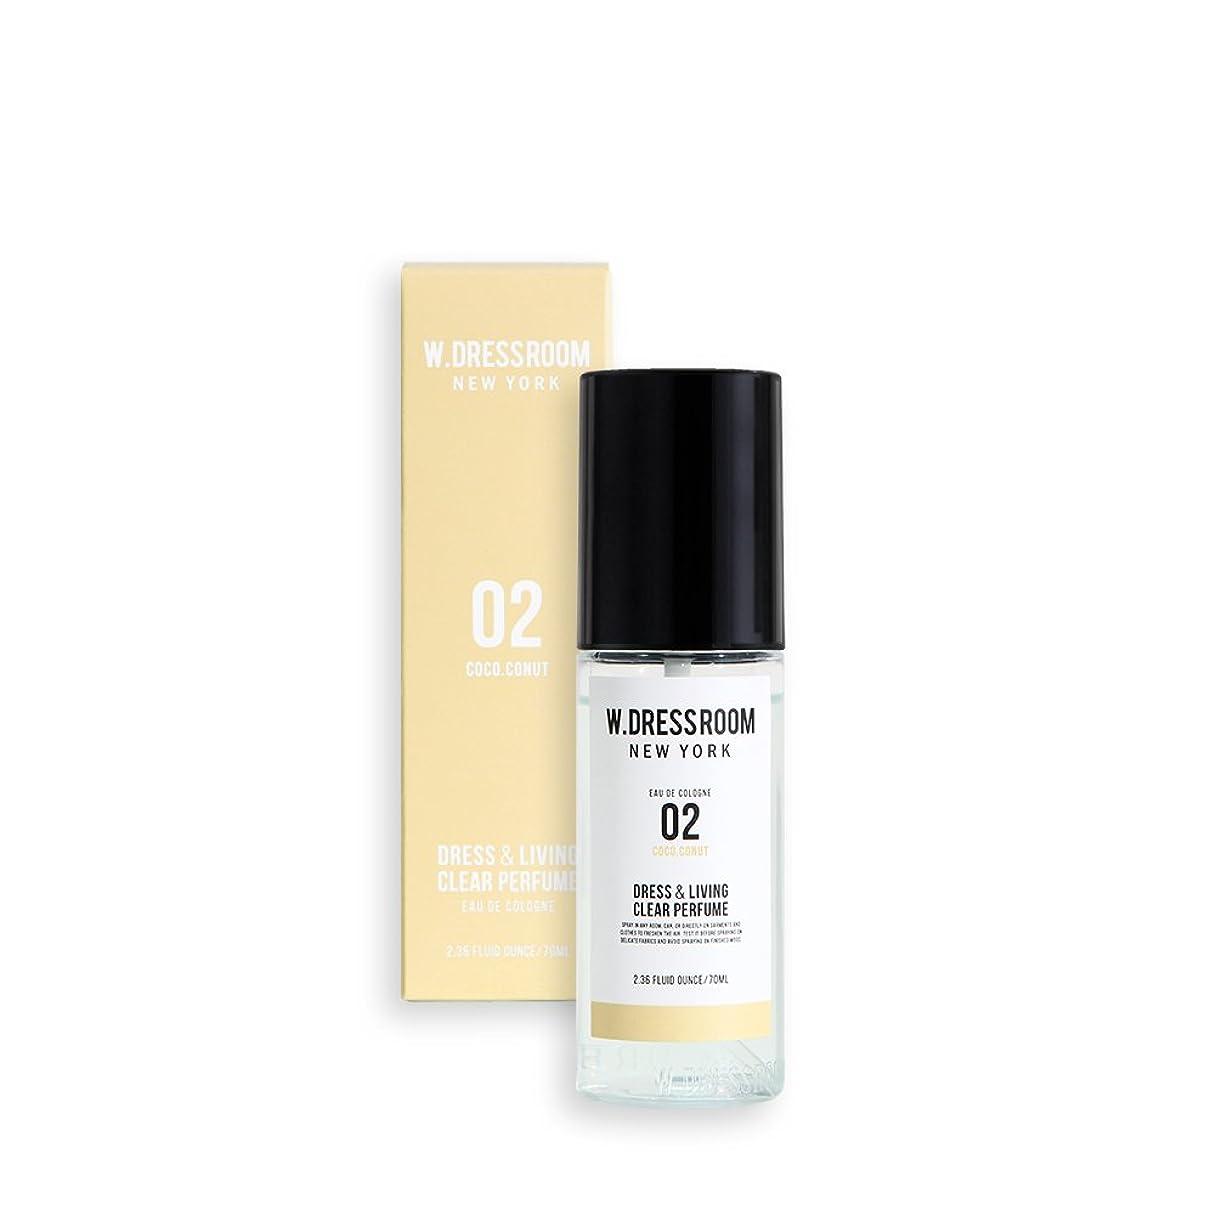 ポーター喪コショウW.DRESSROOM Dress & Living Clear Perfume 70ml/ダブルドレスルーム ドレス&リビング クリア パフューム 70ml (#No.02 Coco Conut) [並行輸入品]